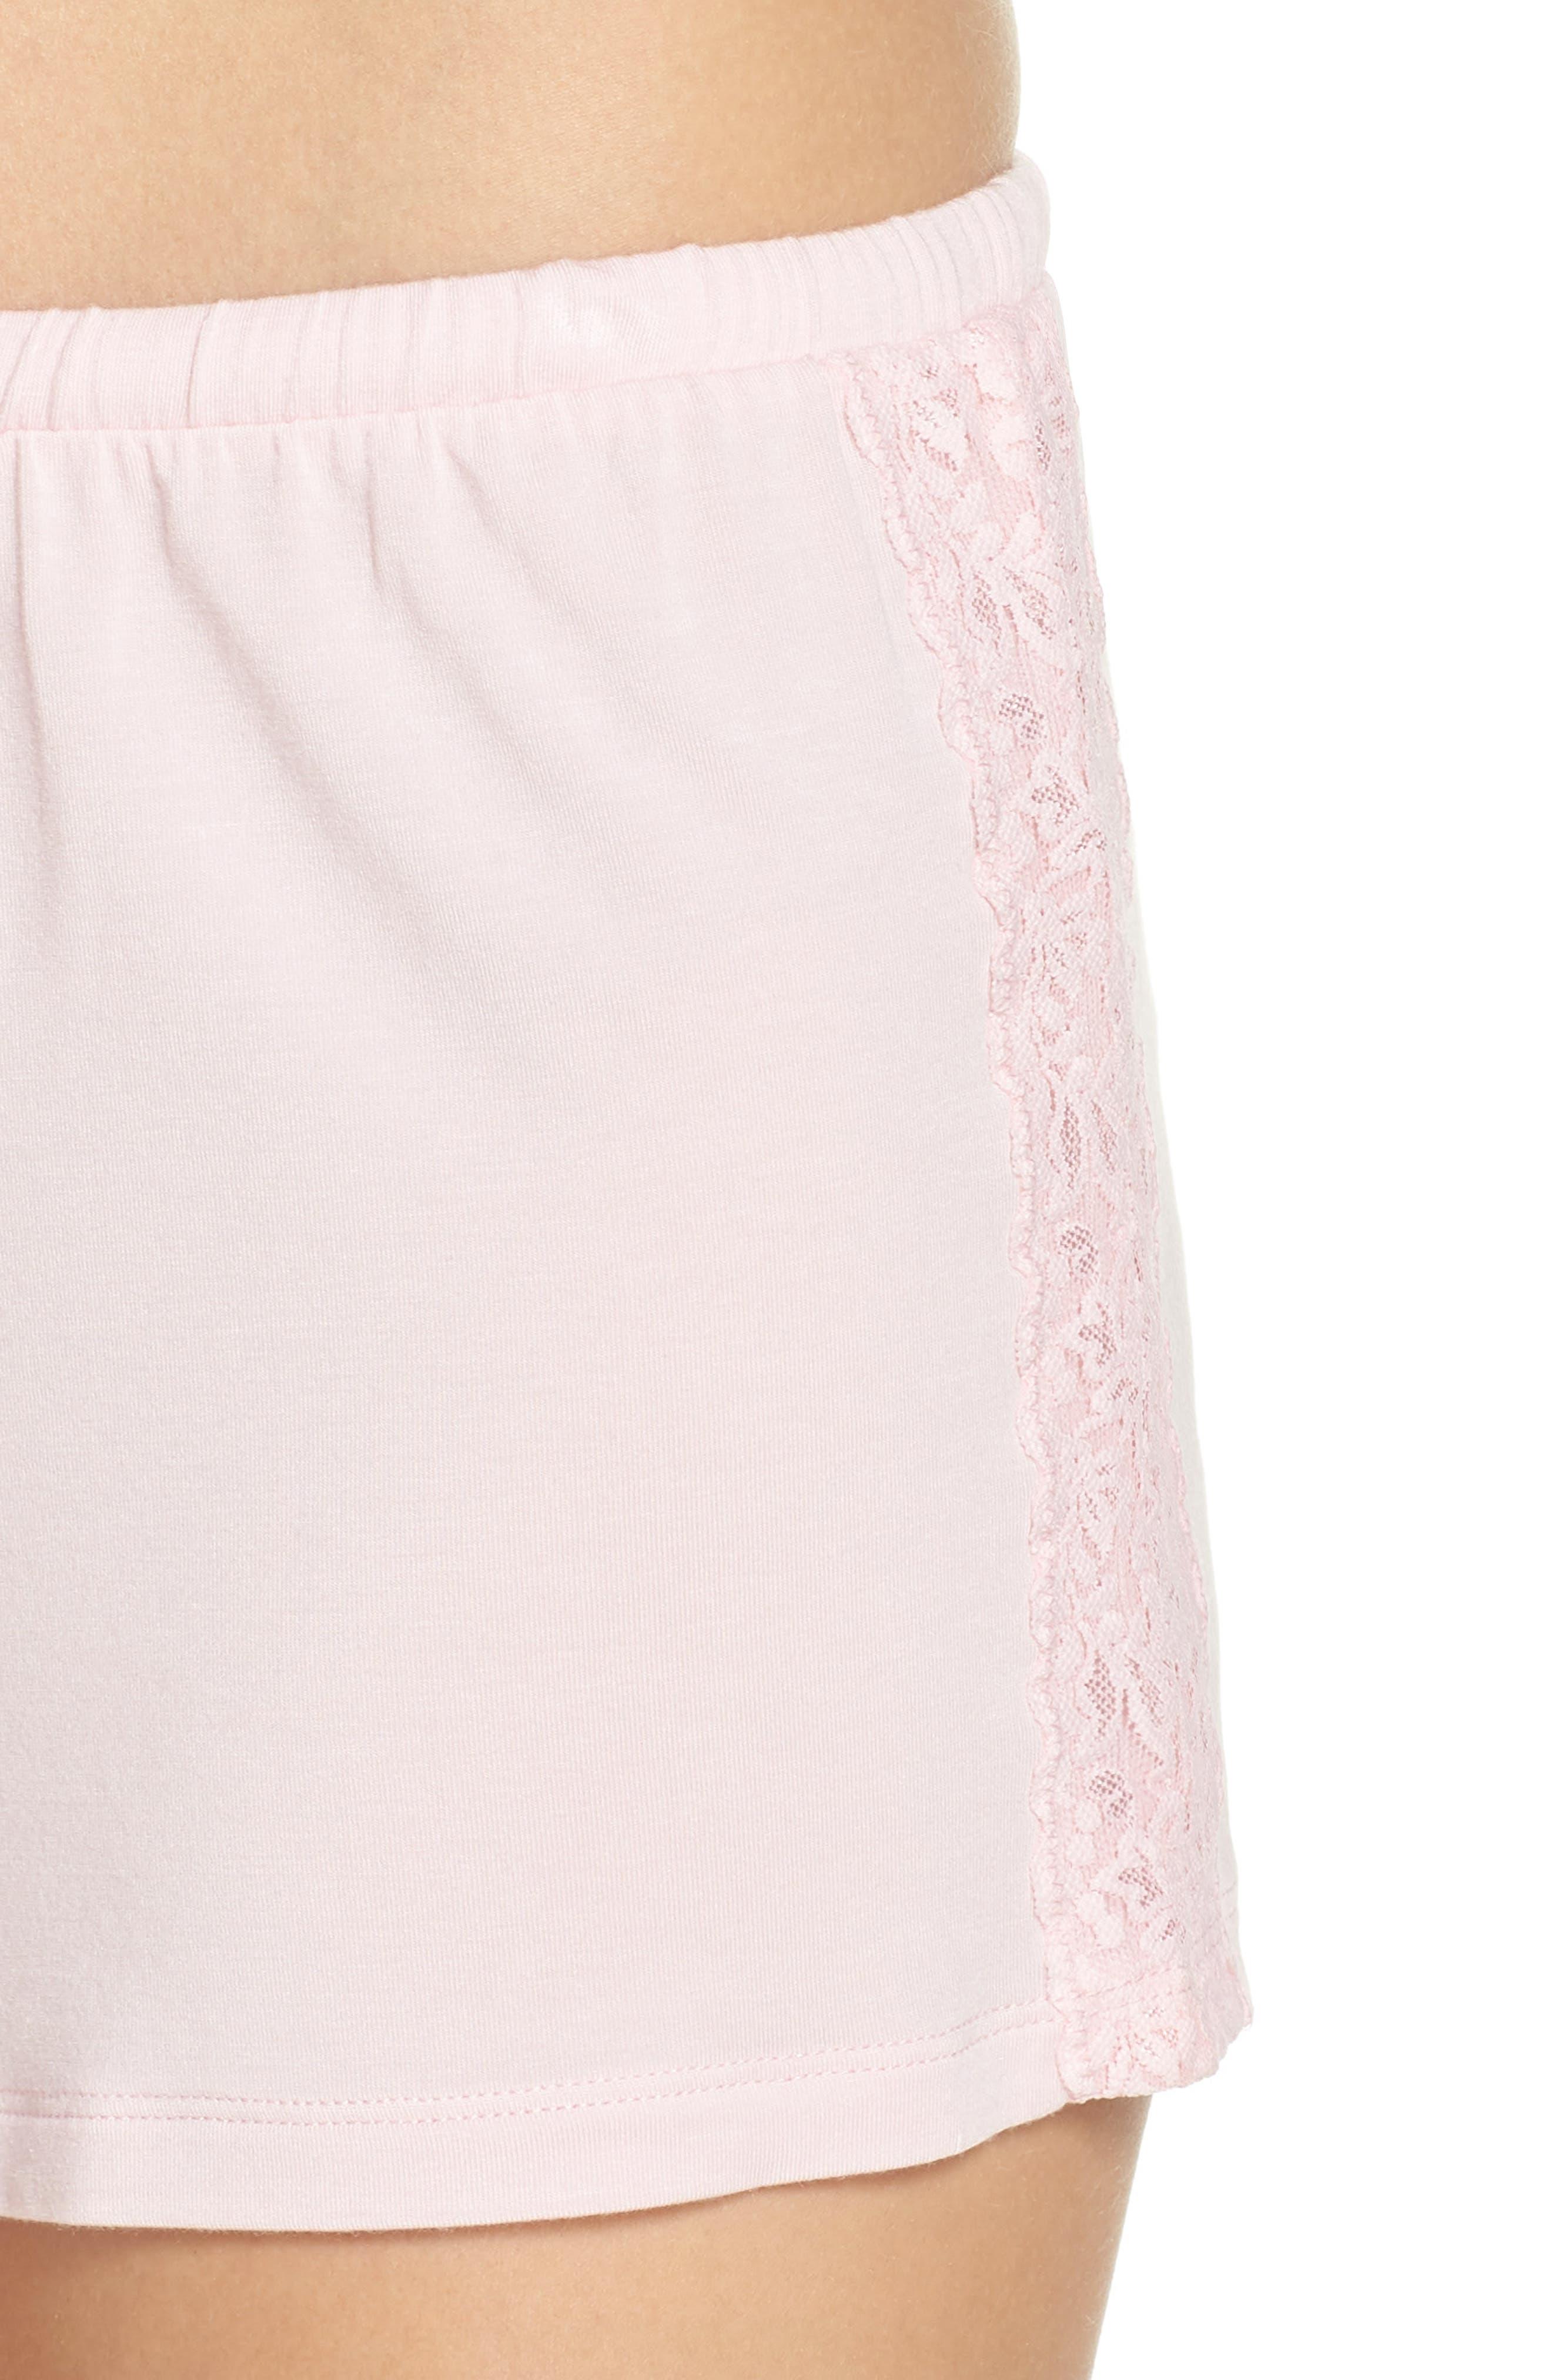 Pajama Shorts,                             Alternate thumbnail 6, color,                             Pink